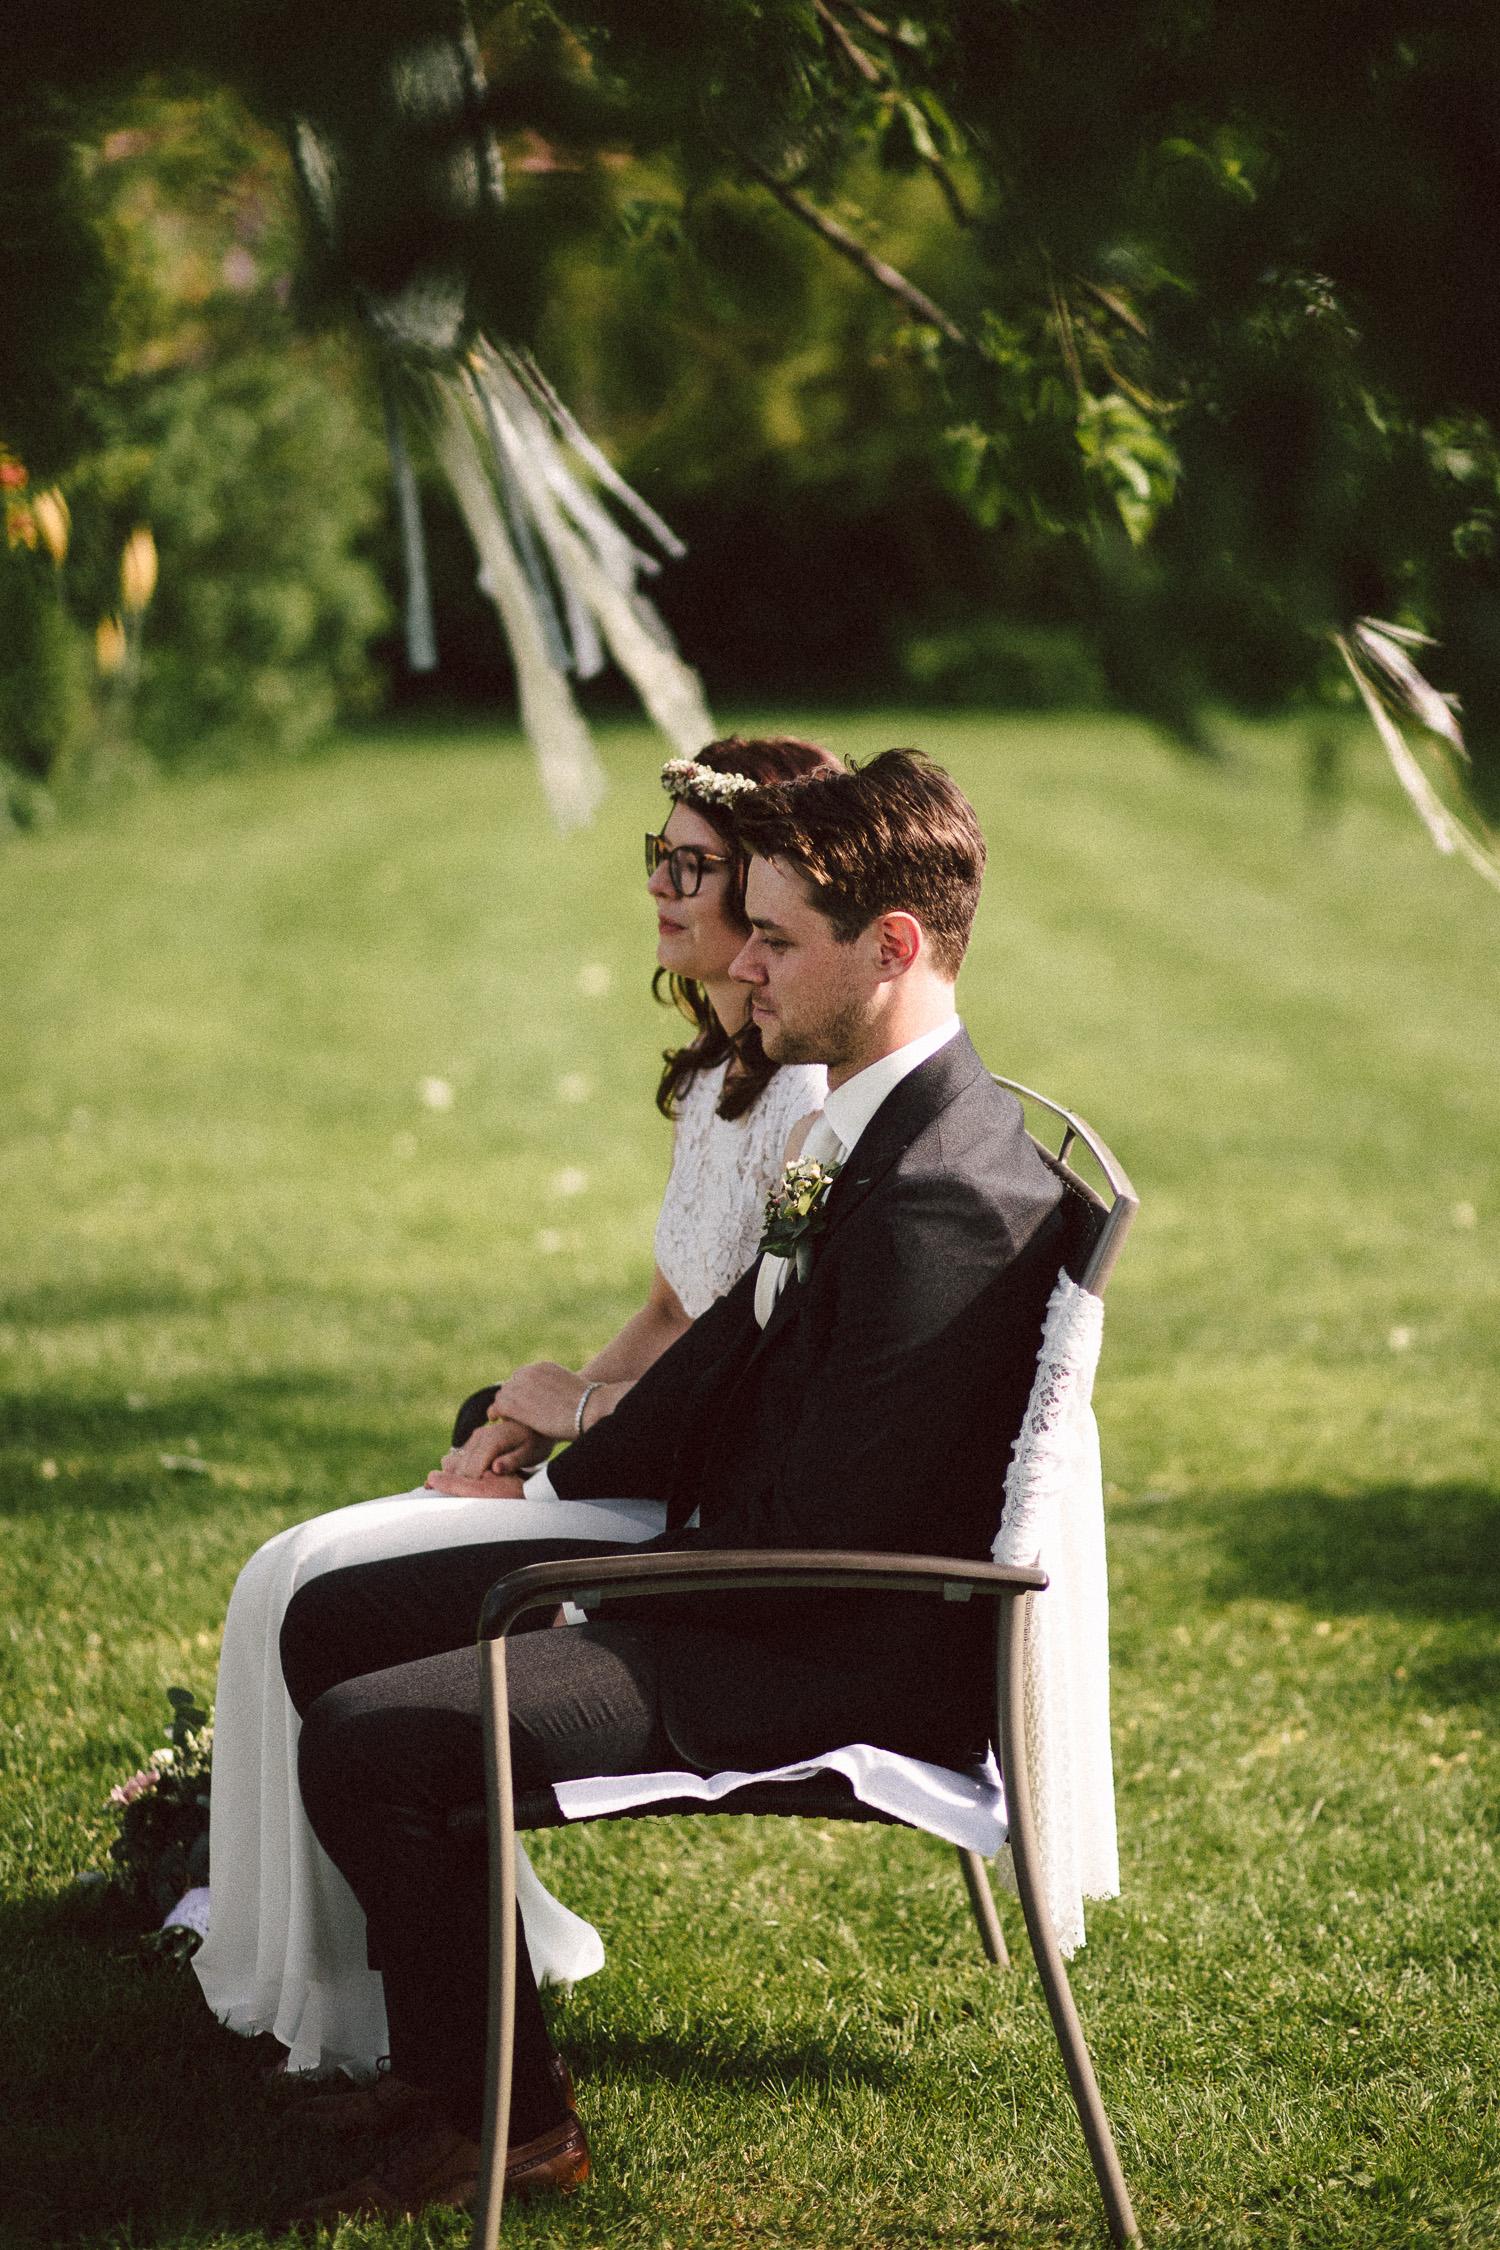 Vanessa-Nicholas-Hochzeitsreportage-59a Vanessa & Nicholas - freie Trauung in der Mosterei Ockensen Hochzeitreportage